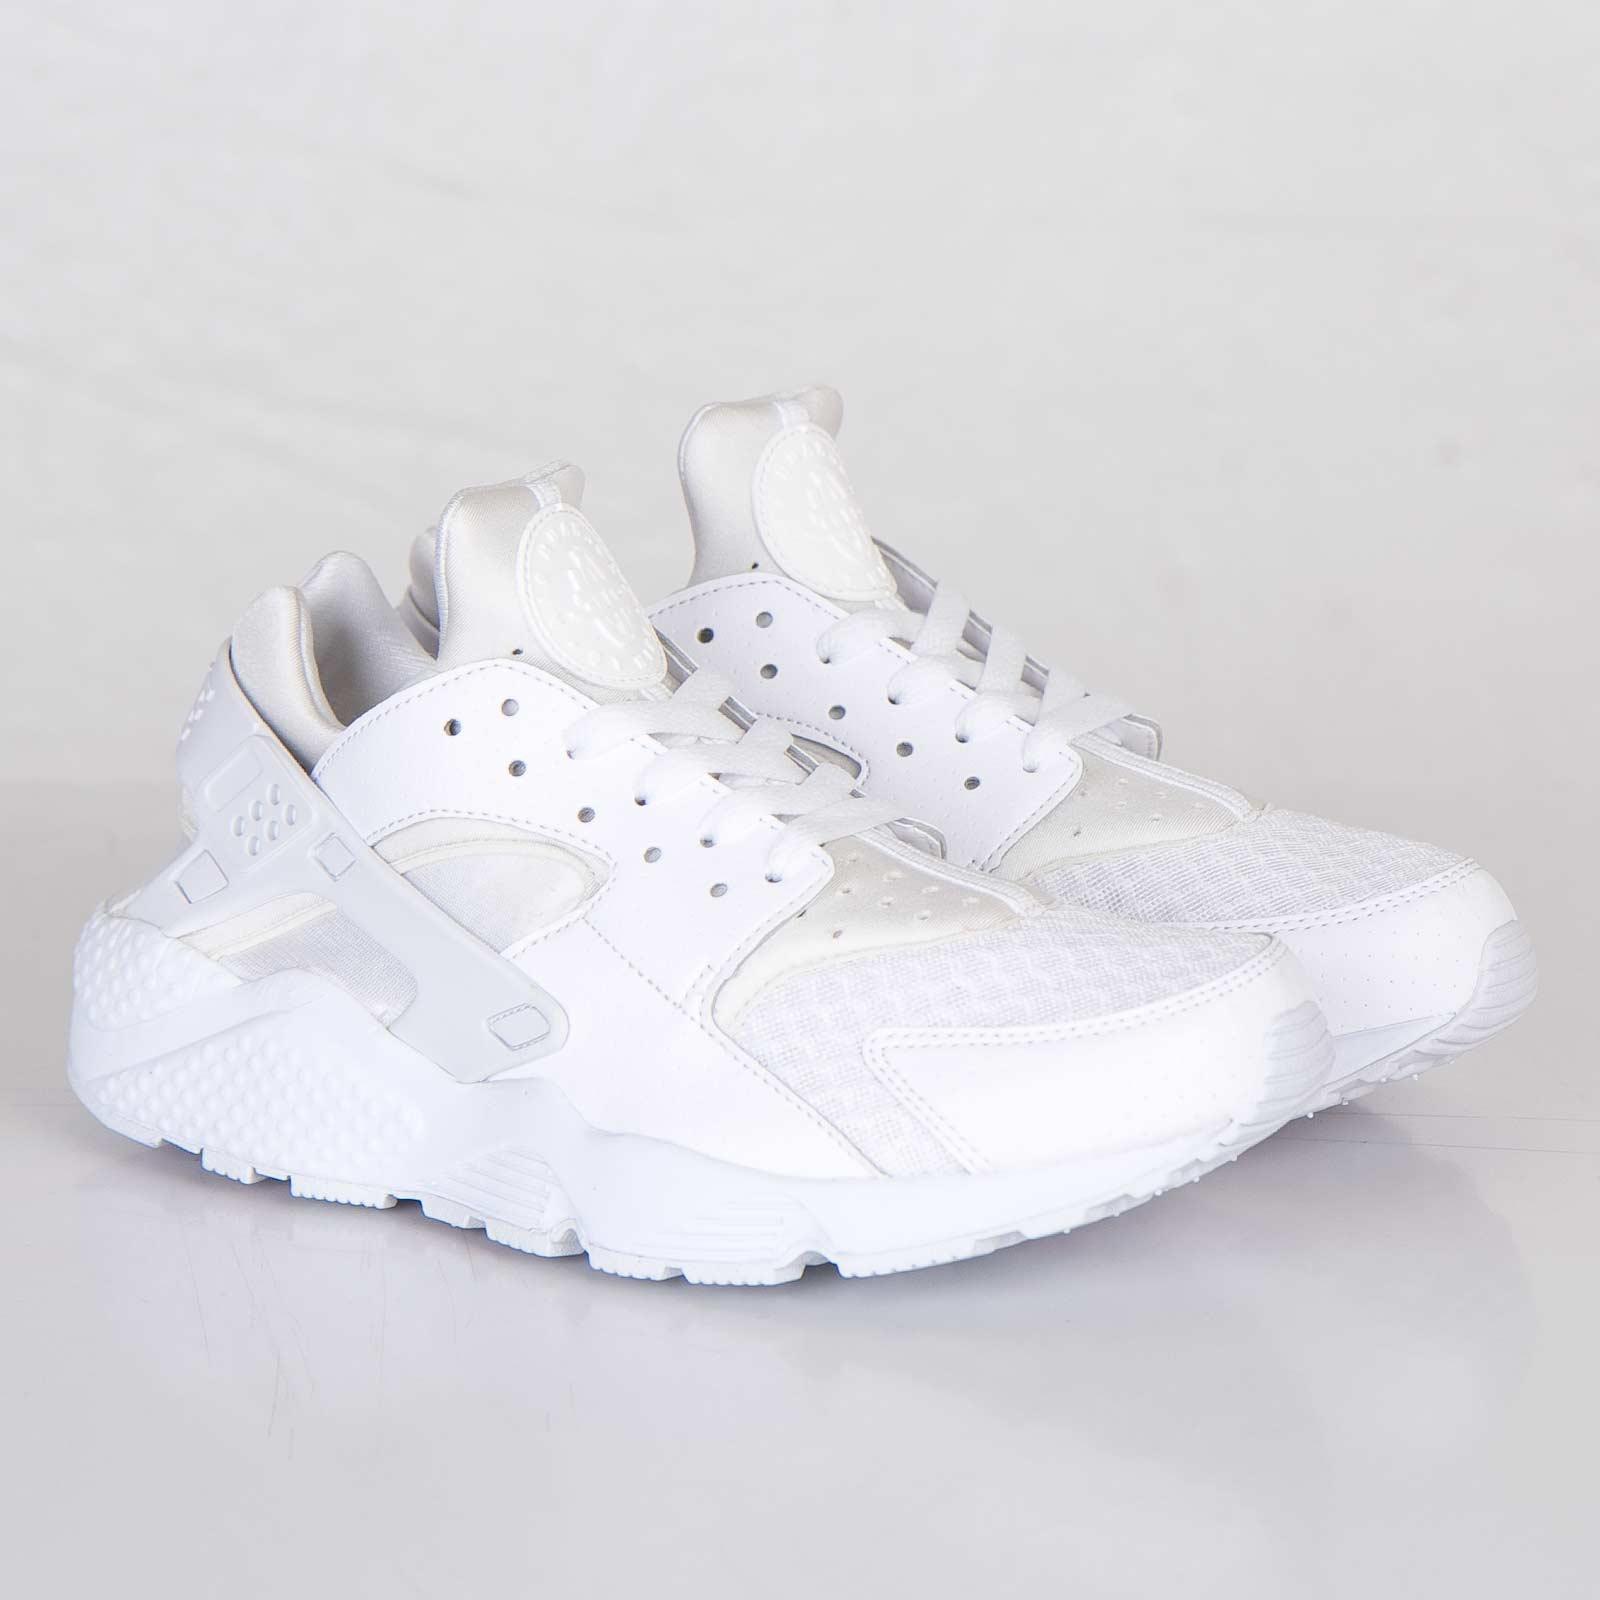 99bd9d2fab4ad Nike Air Huarache - 318429-111 - Sneakersnstuff